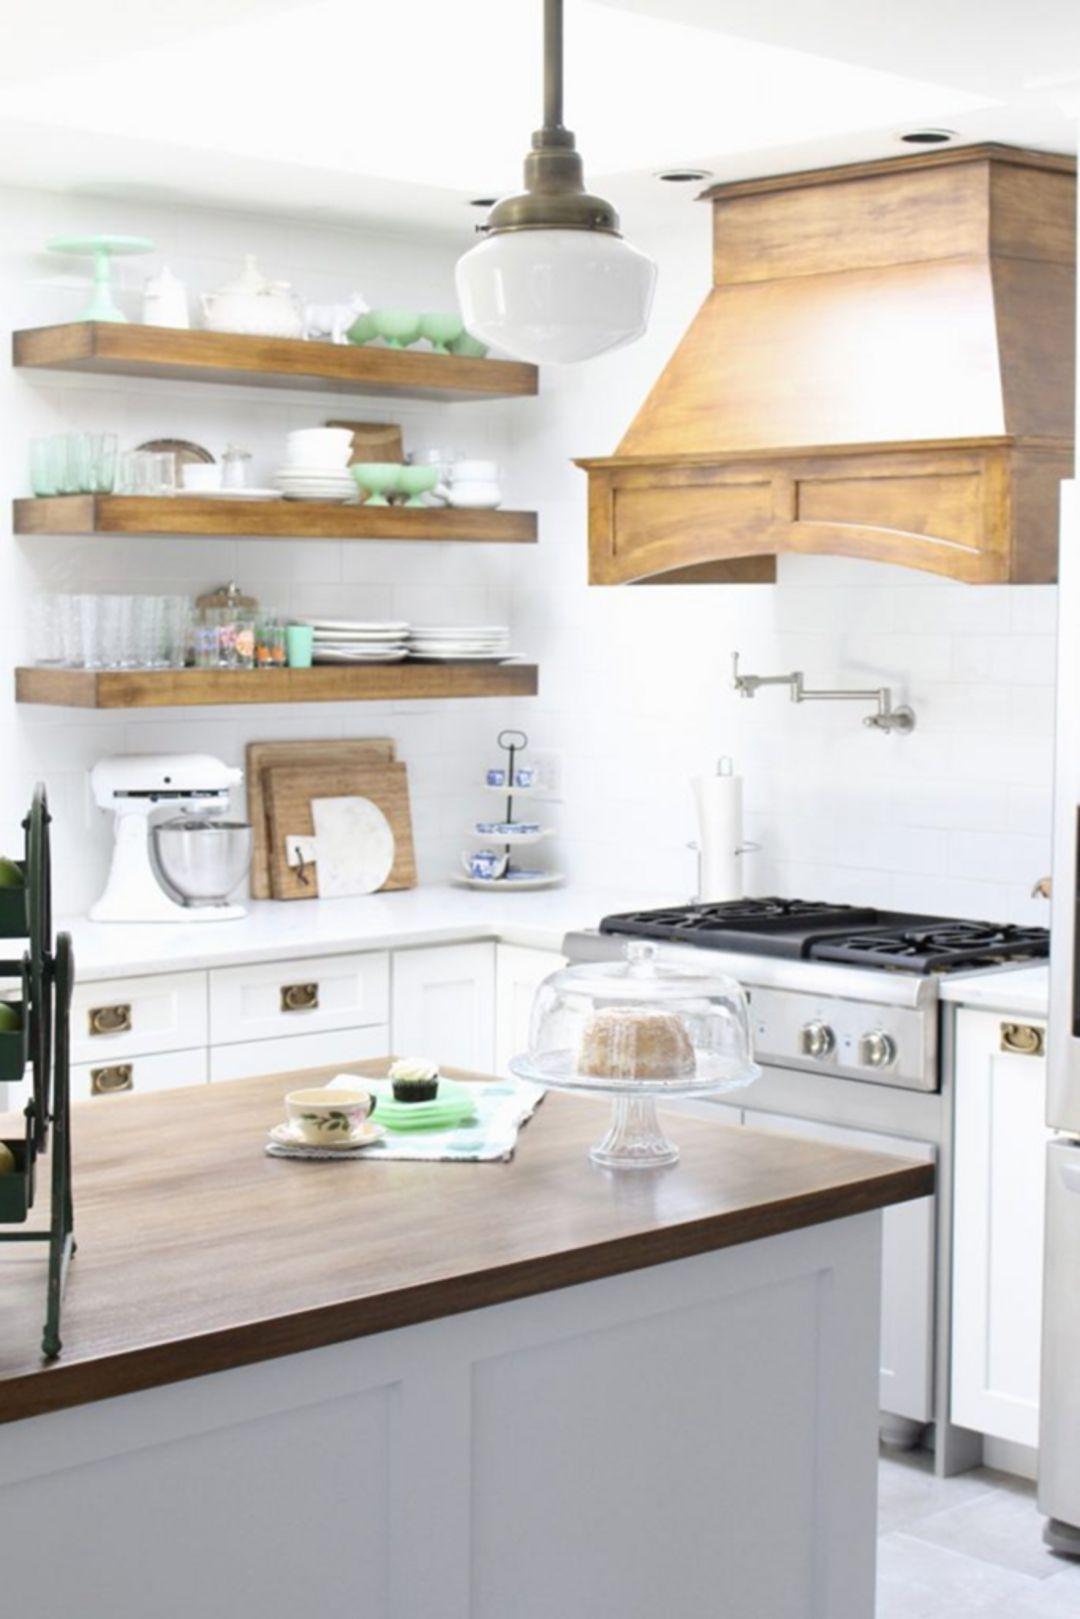 Minimalist Kitchen Self Design Ideas 17 Cottage Kitchen